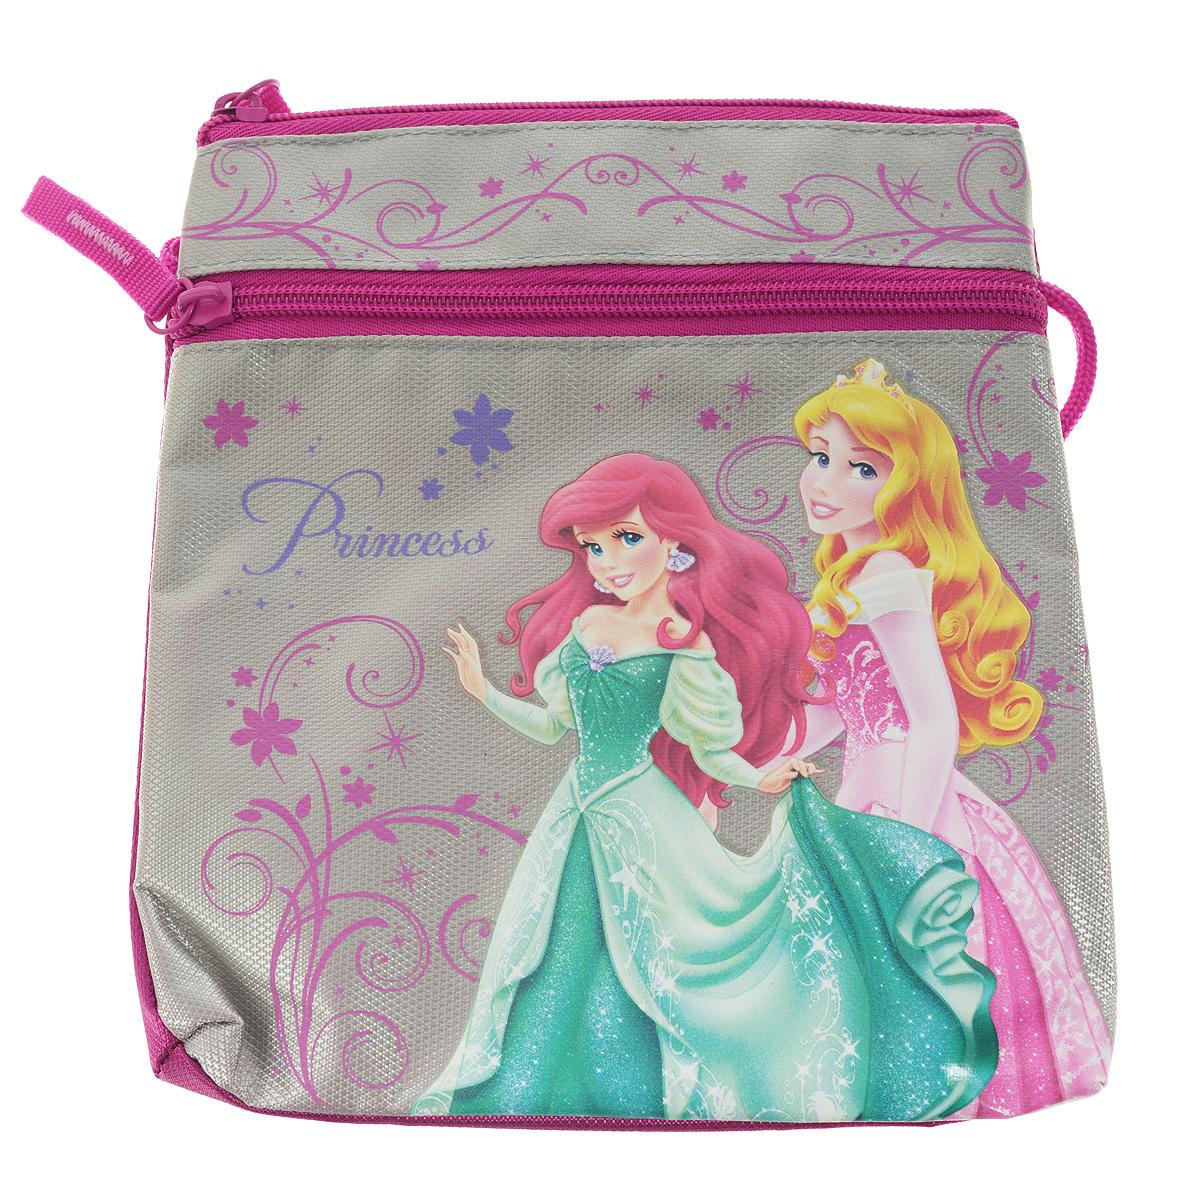 Сумка детская Princess, цвет: серый, розовыйPRAP-UT-481Детская сумка Princess выполнена из прочного полиэстера и оформлена термоаппликацией с изображением Ариэль и Авроры - очаровательных принцесс из мультфильмов Диснея. Сумочка содержит одно отделение и закрывается на застежку-молнию. На лицевой стороне расположен прорезной карман на застежке-молнии. Сумочка оснащена шнурком для переноски. Такая сумочка непременно порадует вашу малышку и позволит ей подчеркнуть свою индивидуальность.